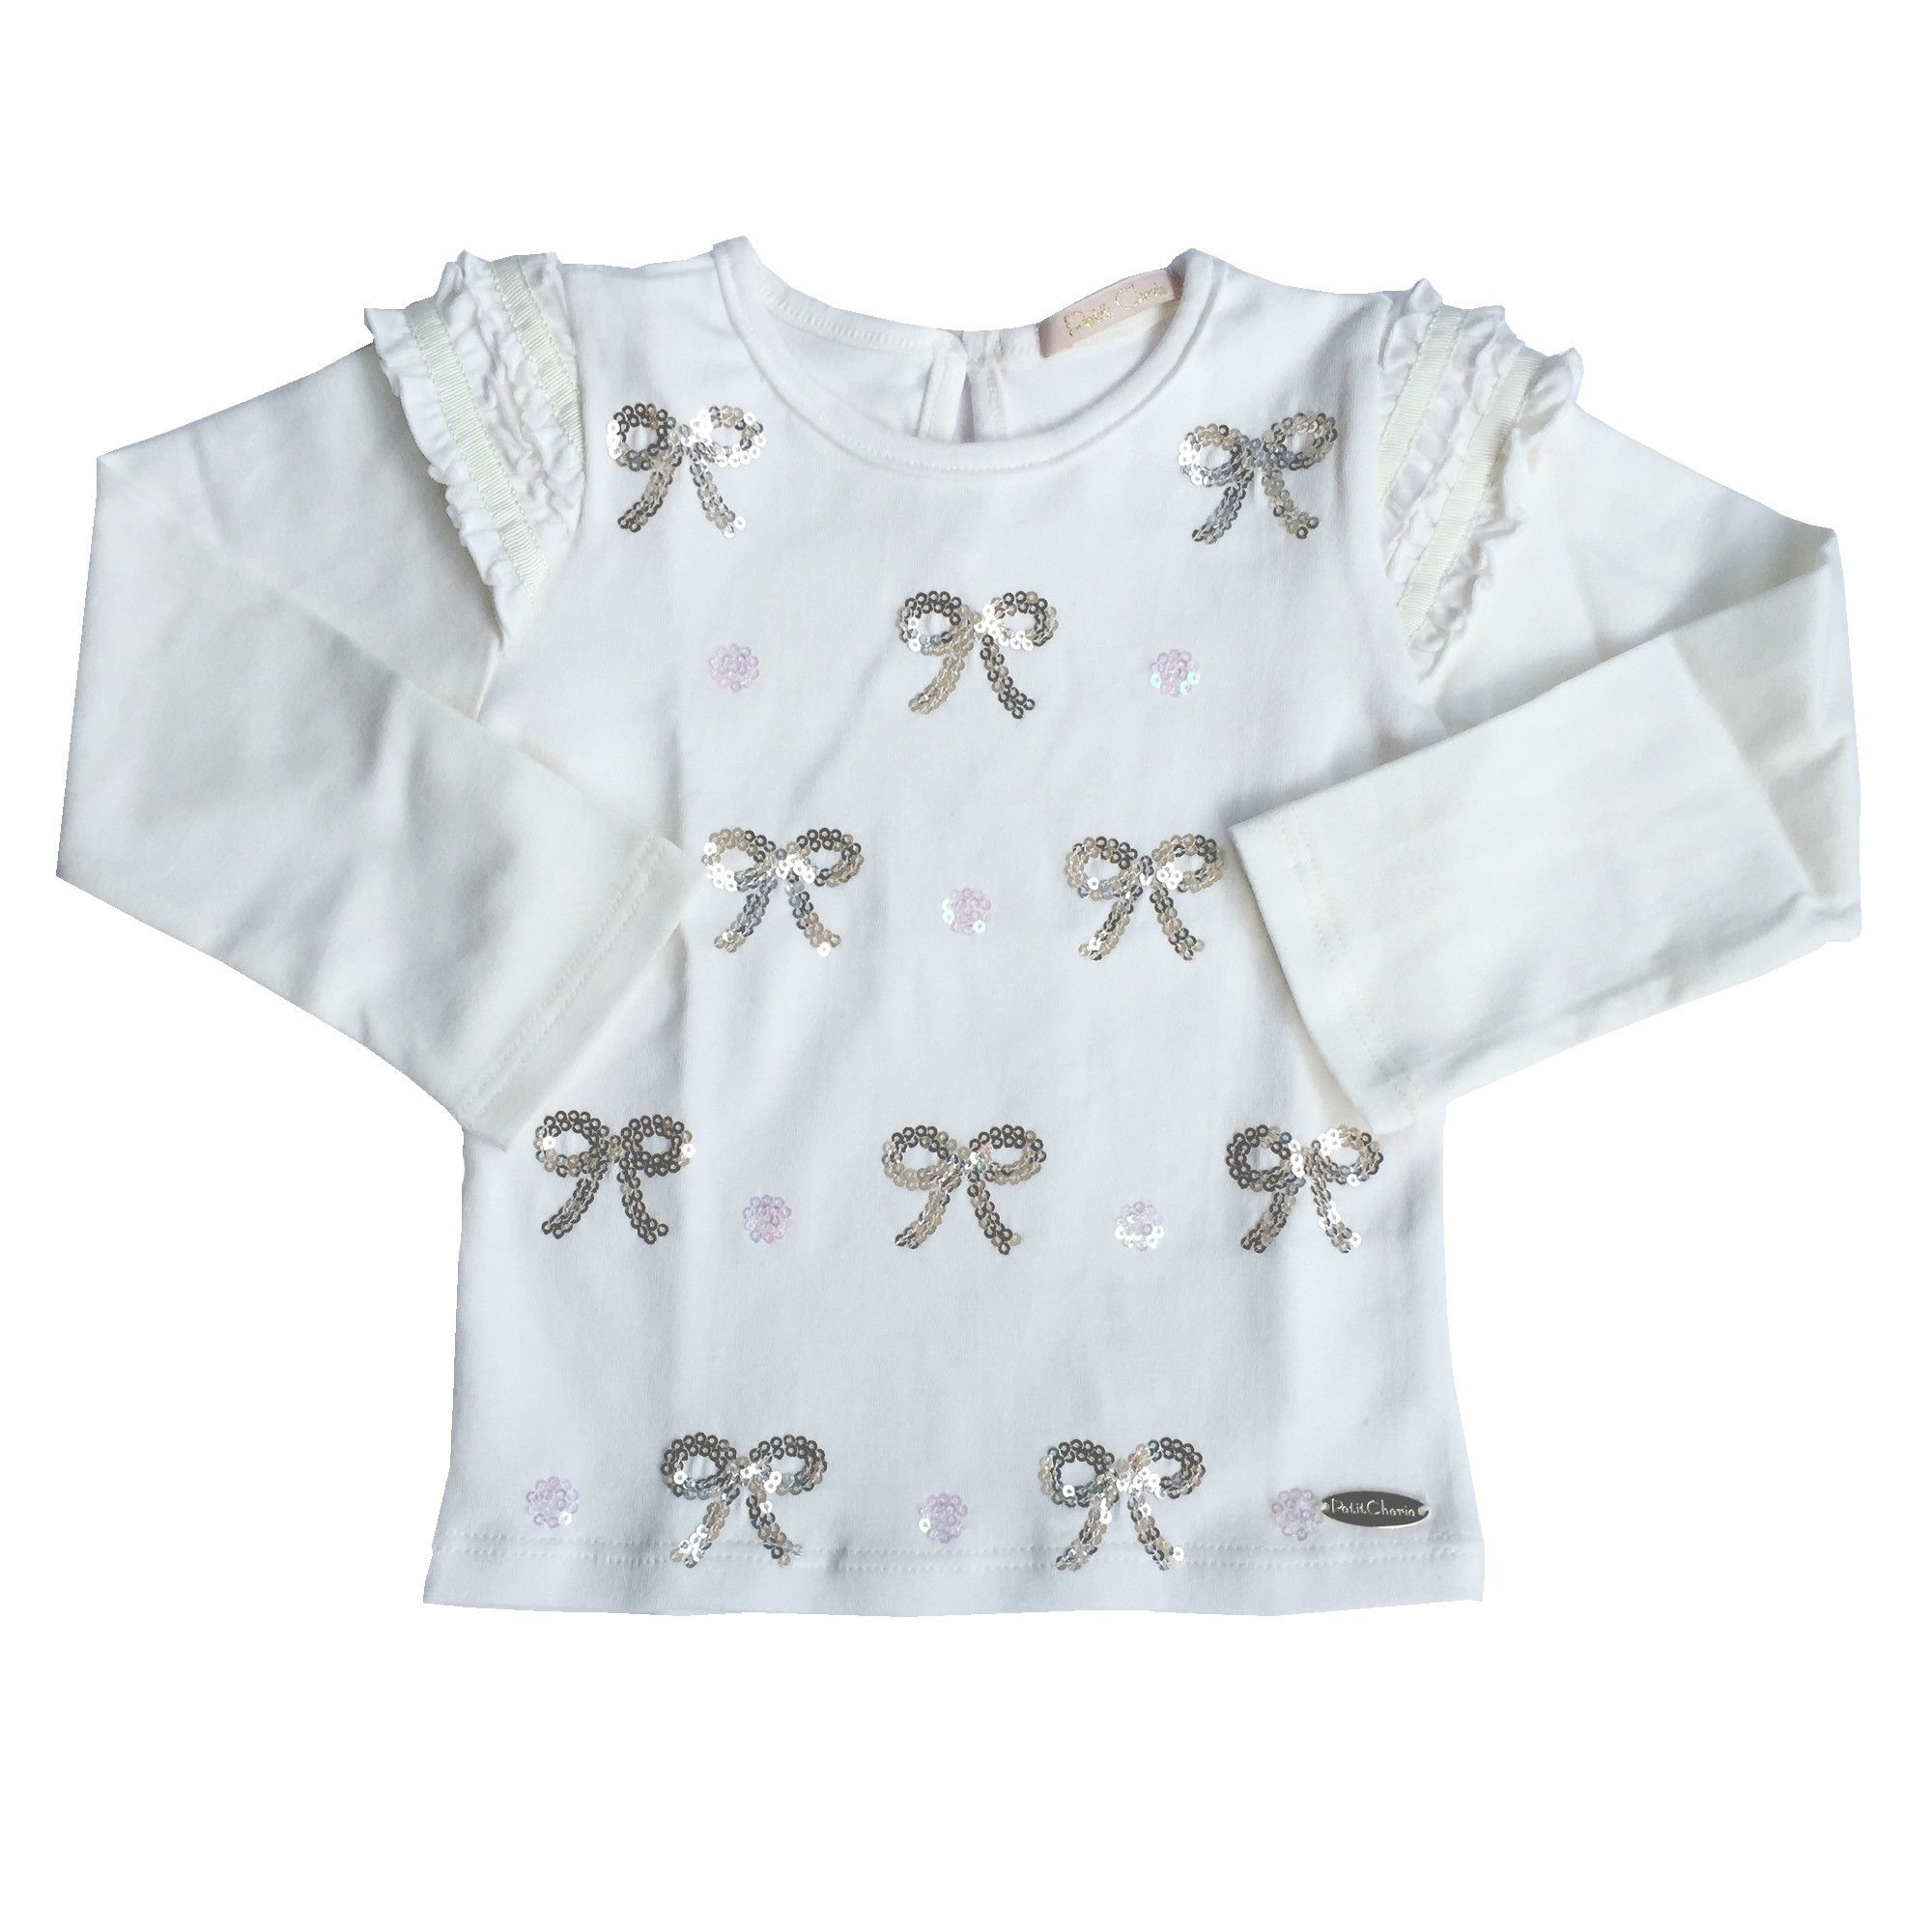 Blusa Manga Longa Bordado Laços Branca com Fru Fru Petit Cherie